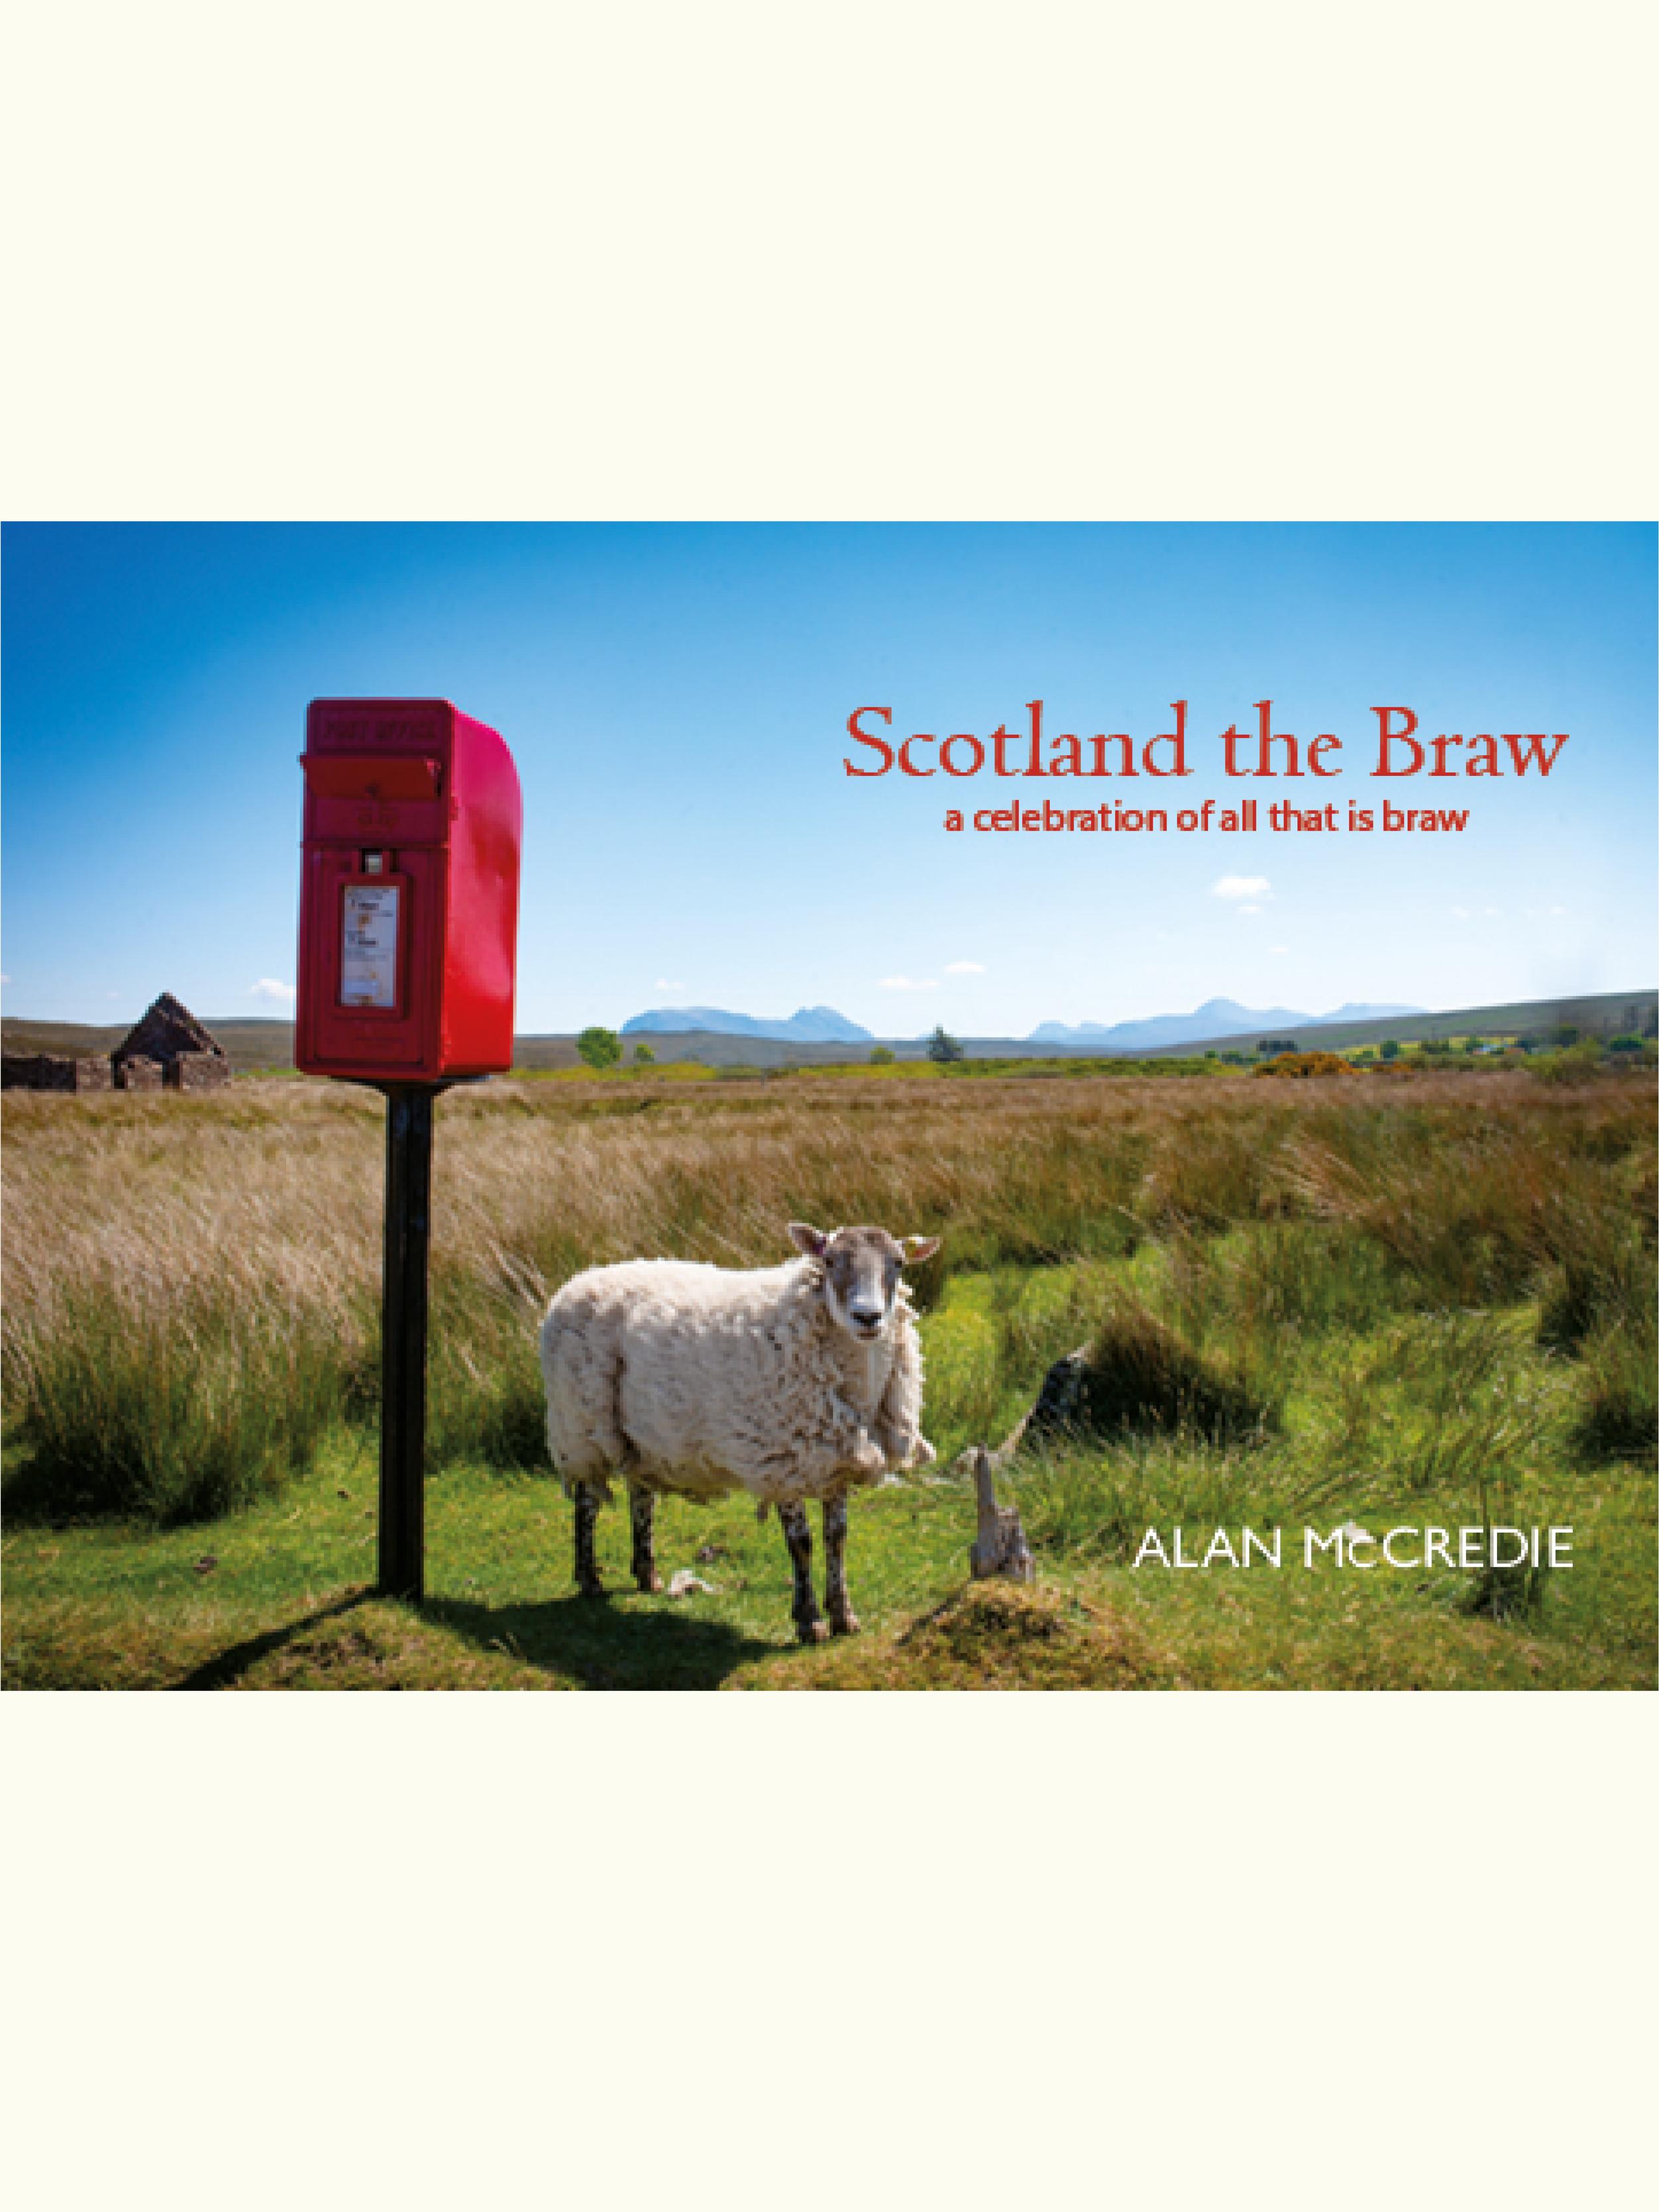 Scotland the Braw Alan McCredie 9781913025489 Luath Press.png